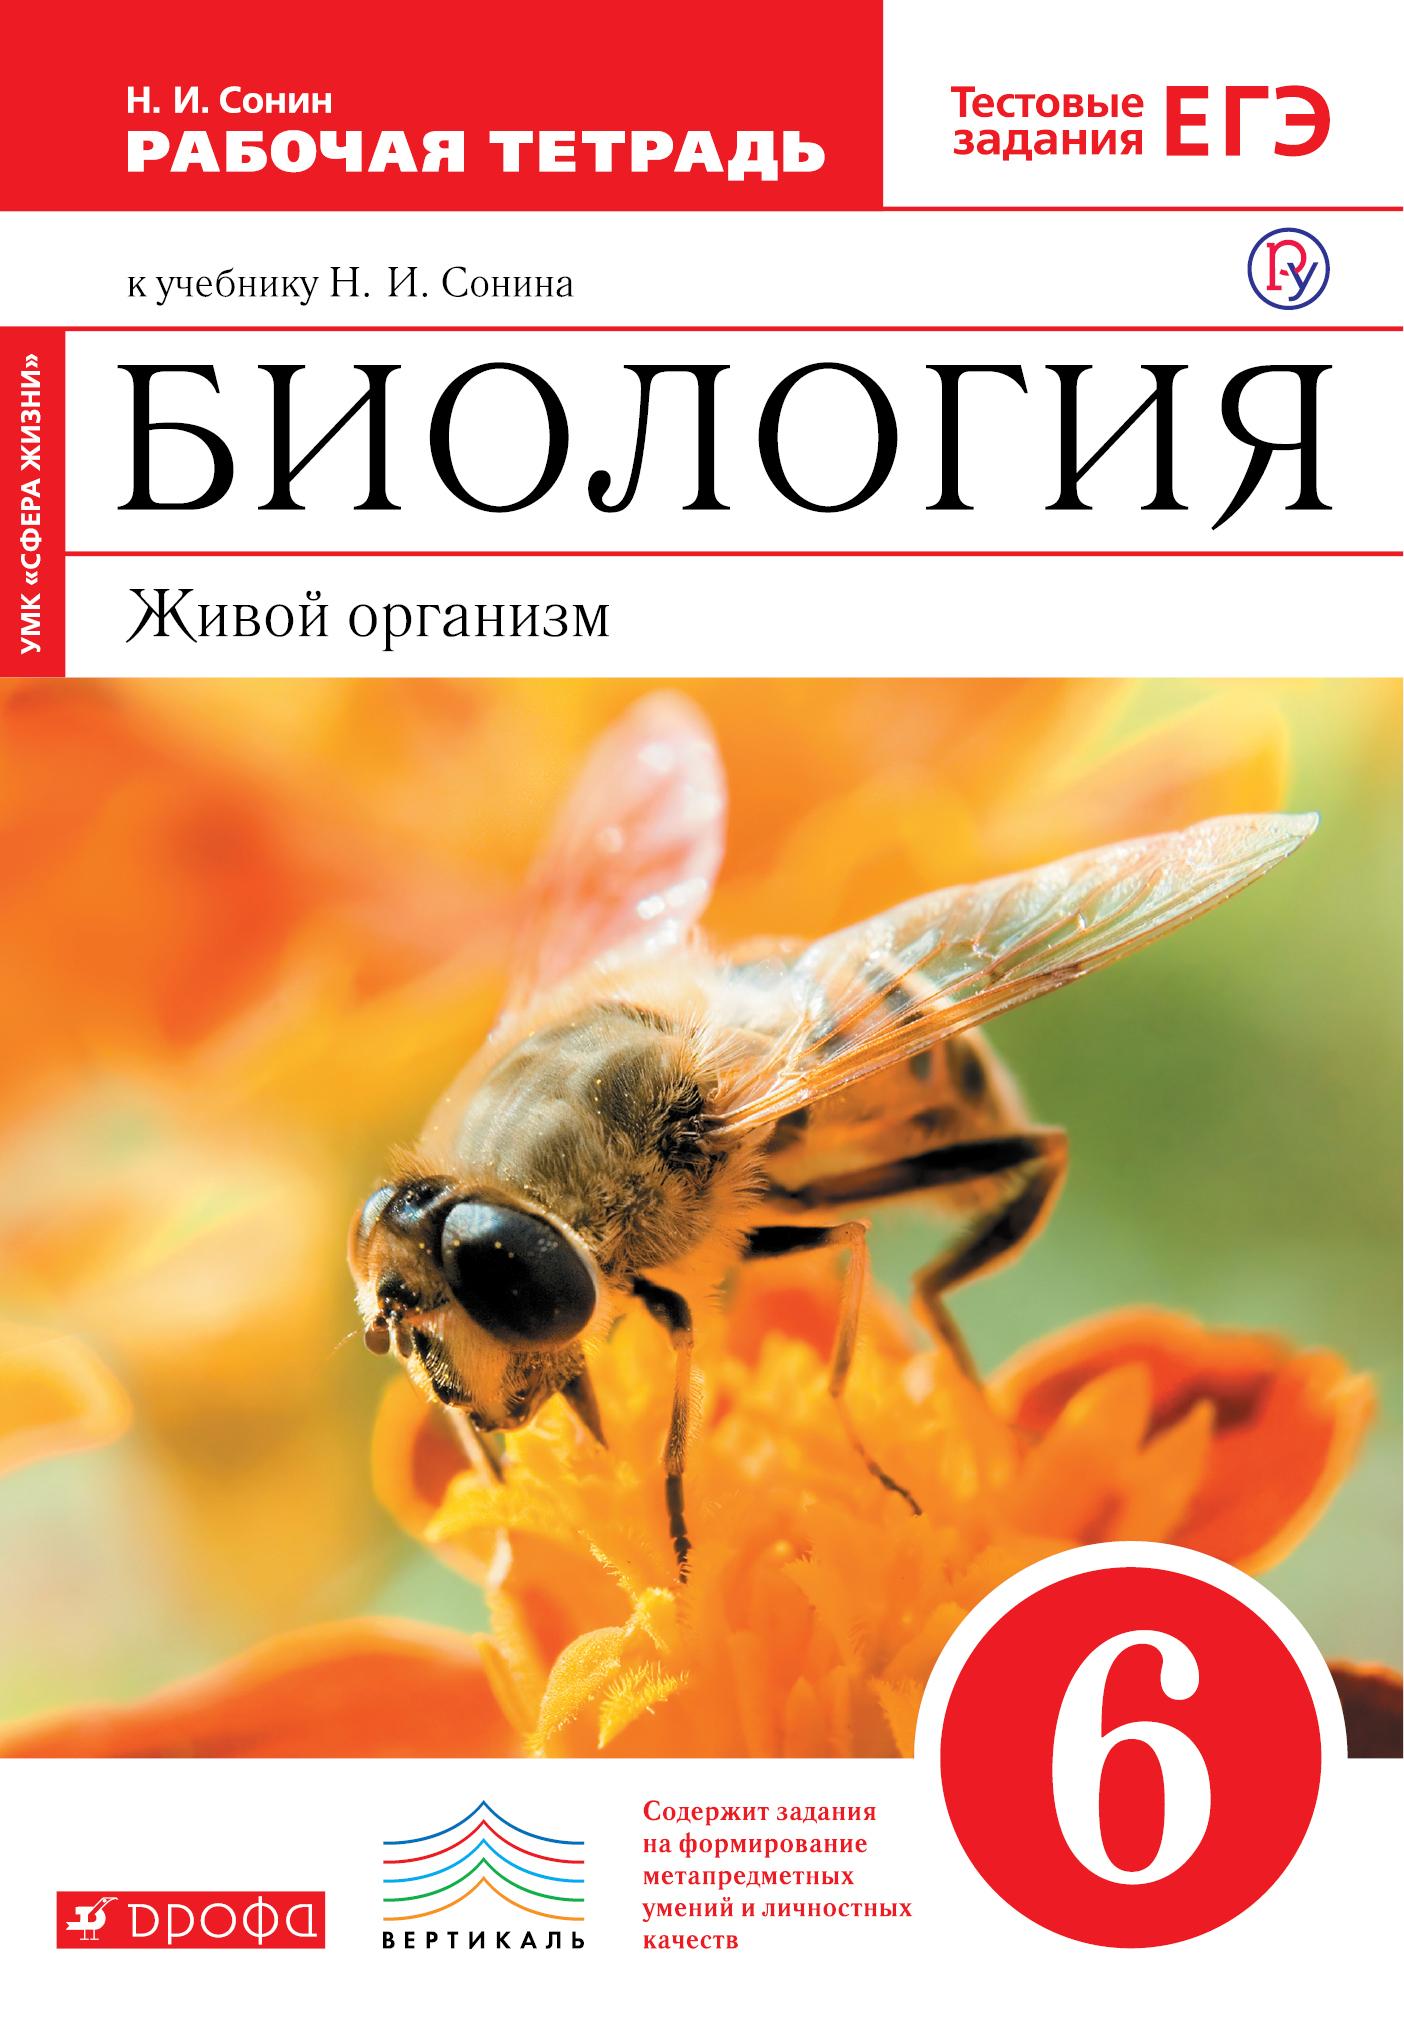 Биология. Живой организм. 6 класс. Рабочая тетрадь (с тестовыми заданиями ЕГЭ)